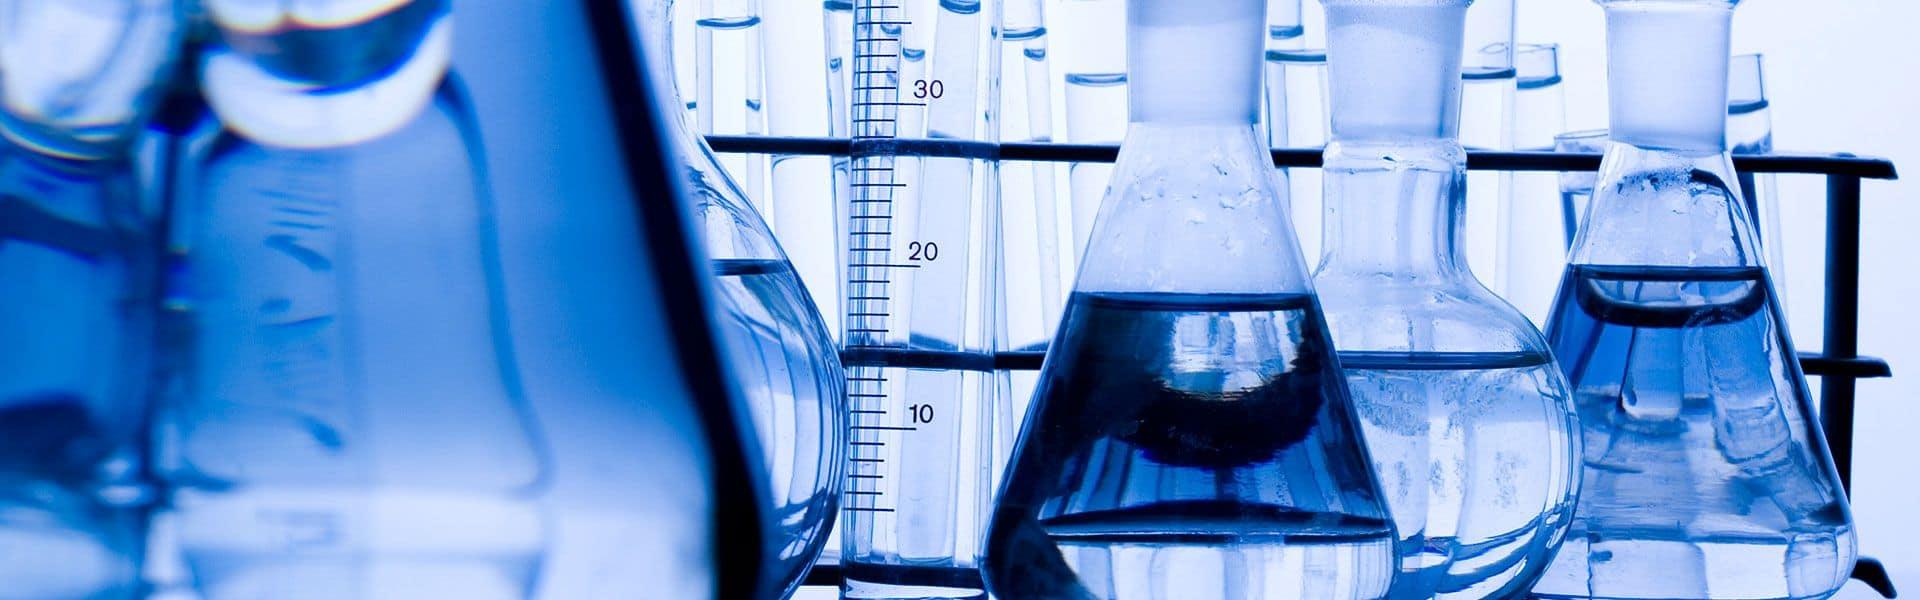 Доступно о благотворительности, медицине и науке